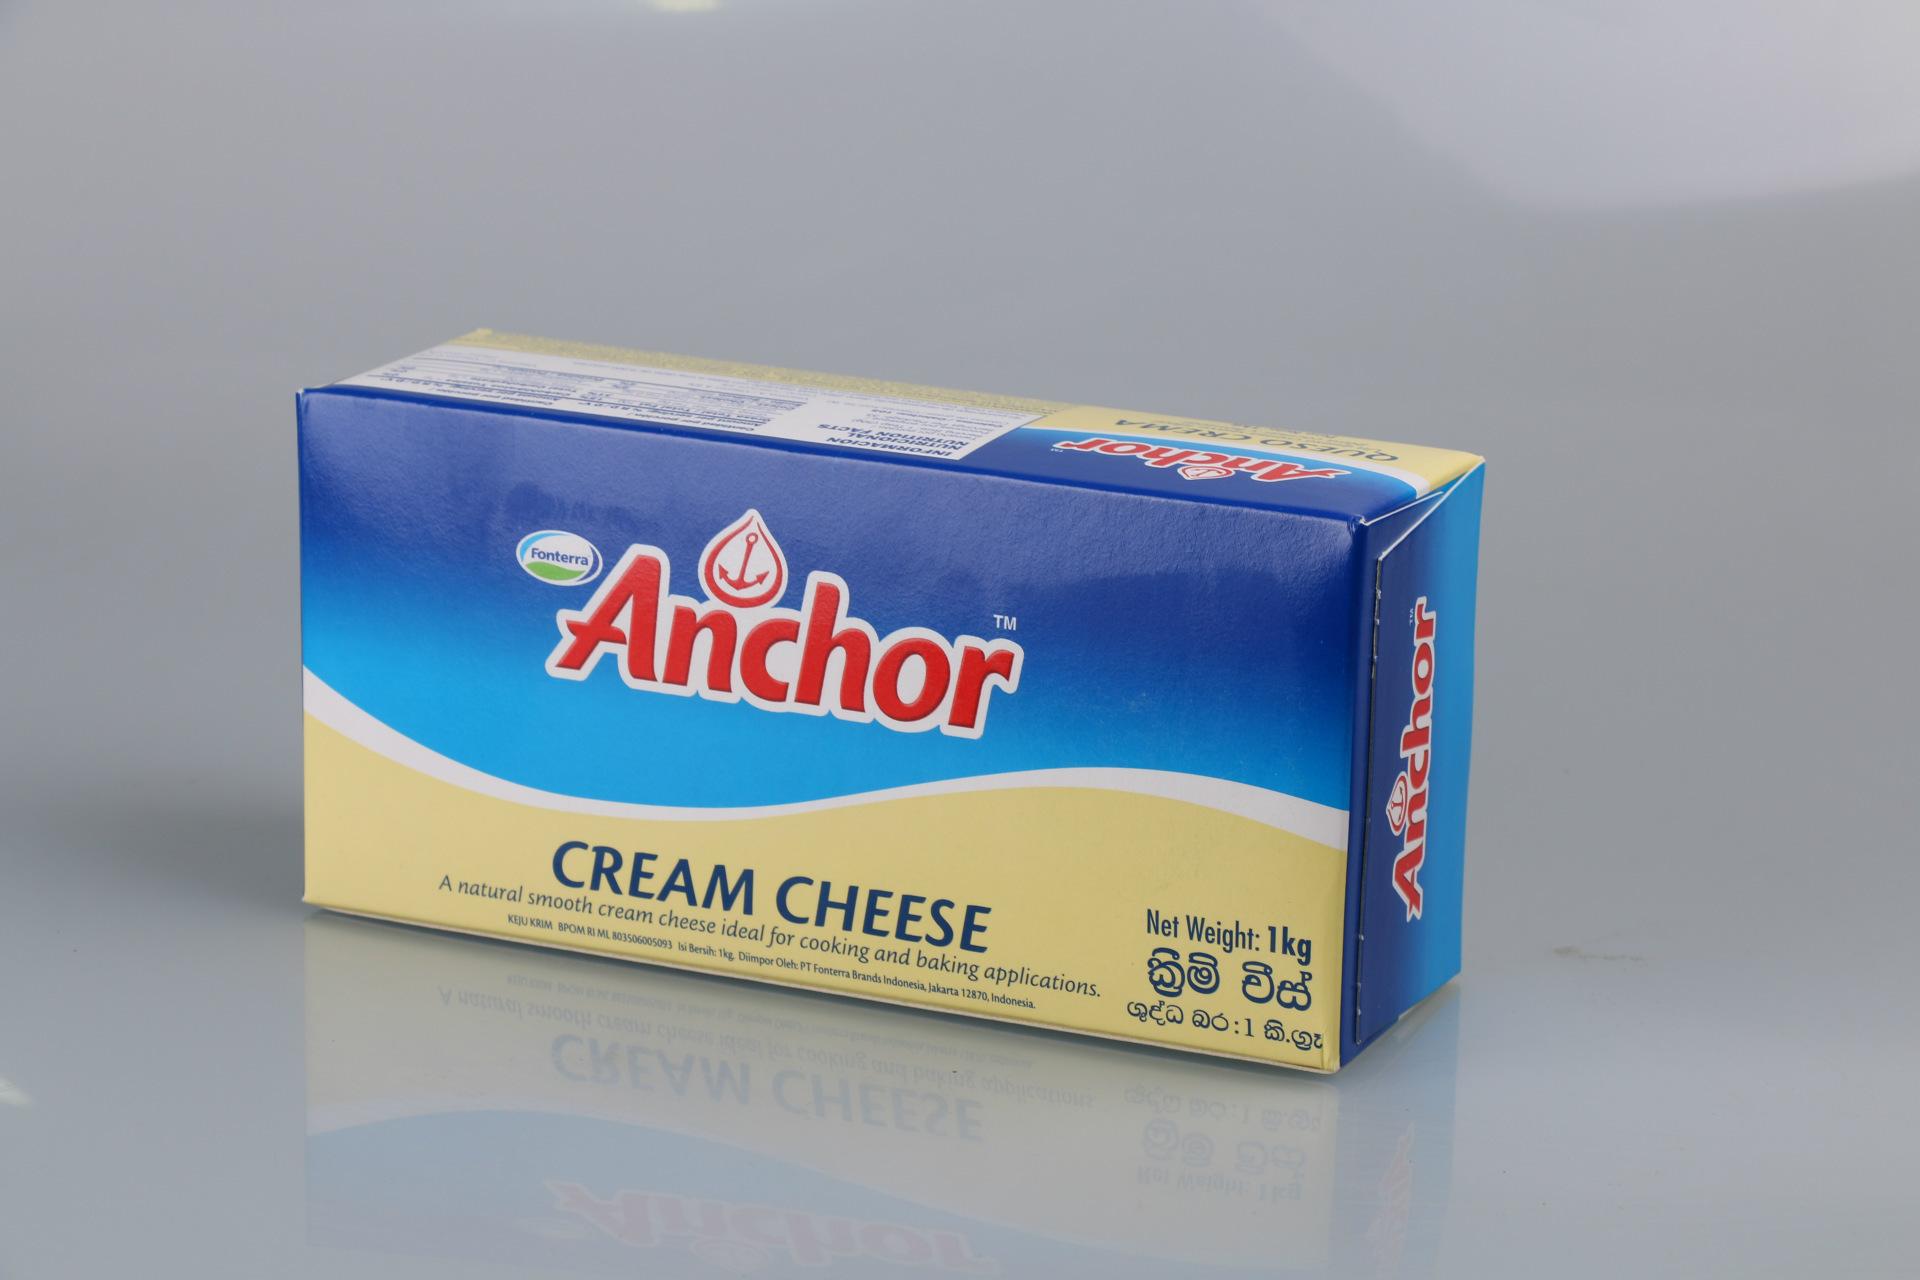 优质供应 安佳奶油乳酪/奶油芝士 cream cheese 12*1kg 批发